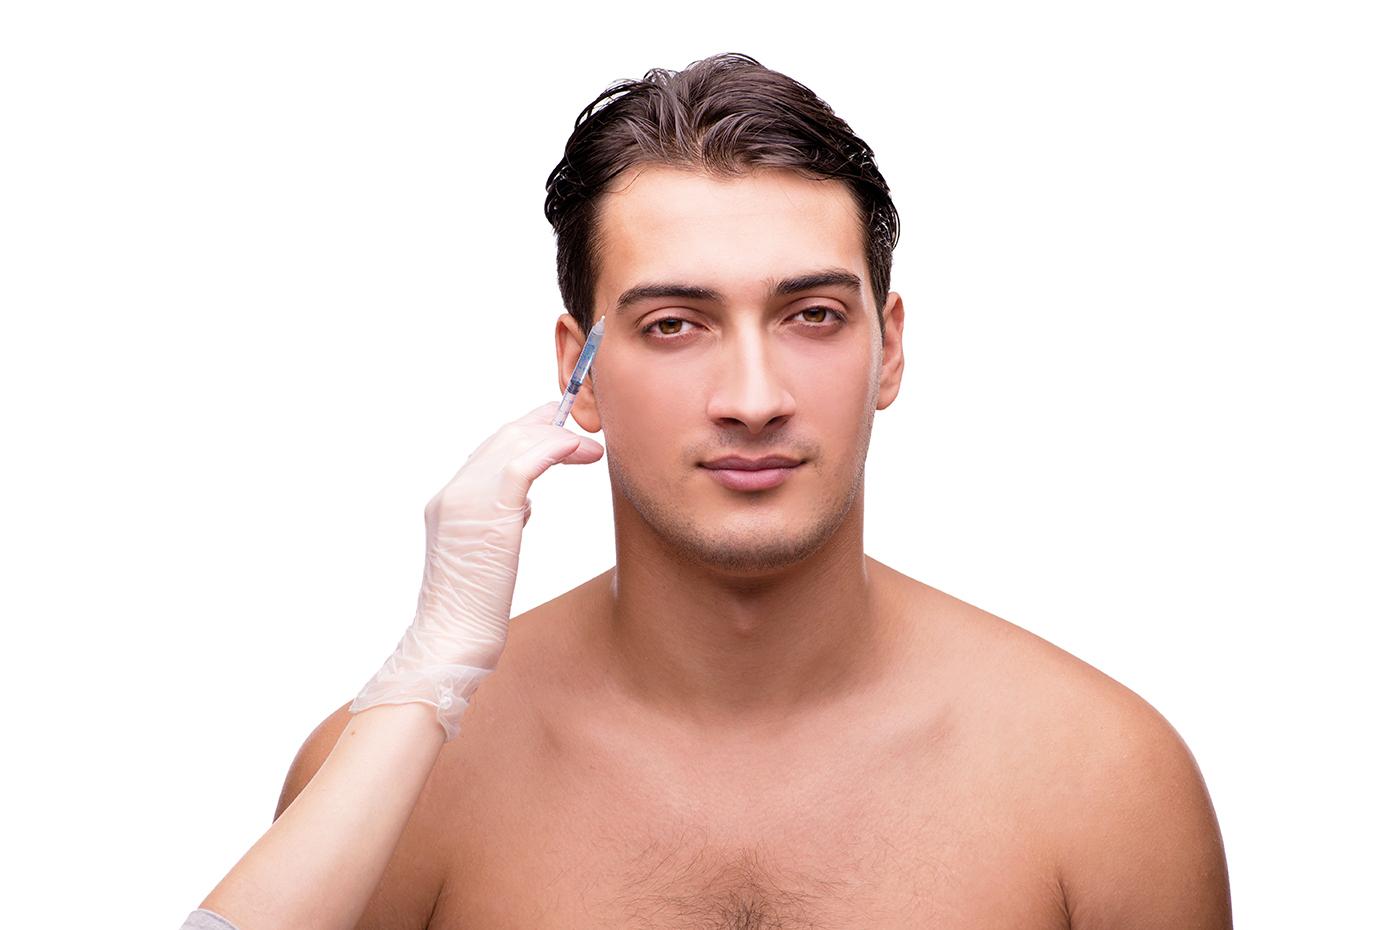 La medicina estética no es cuestión de género